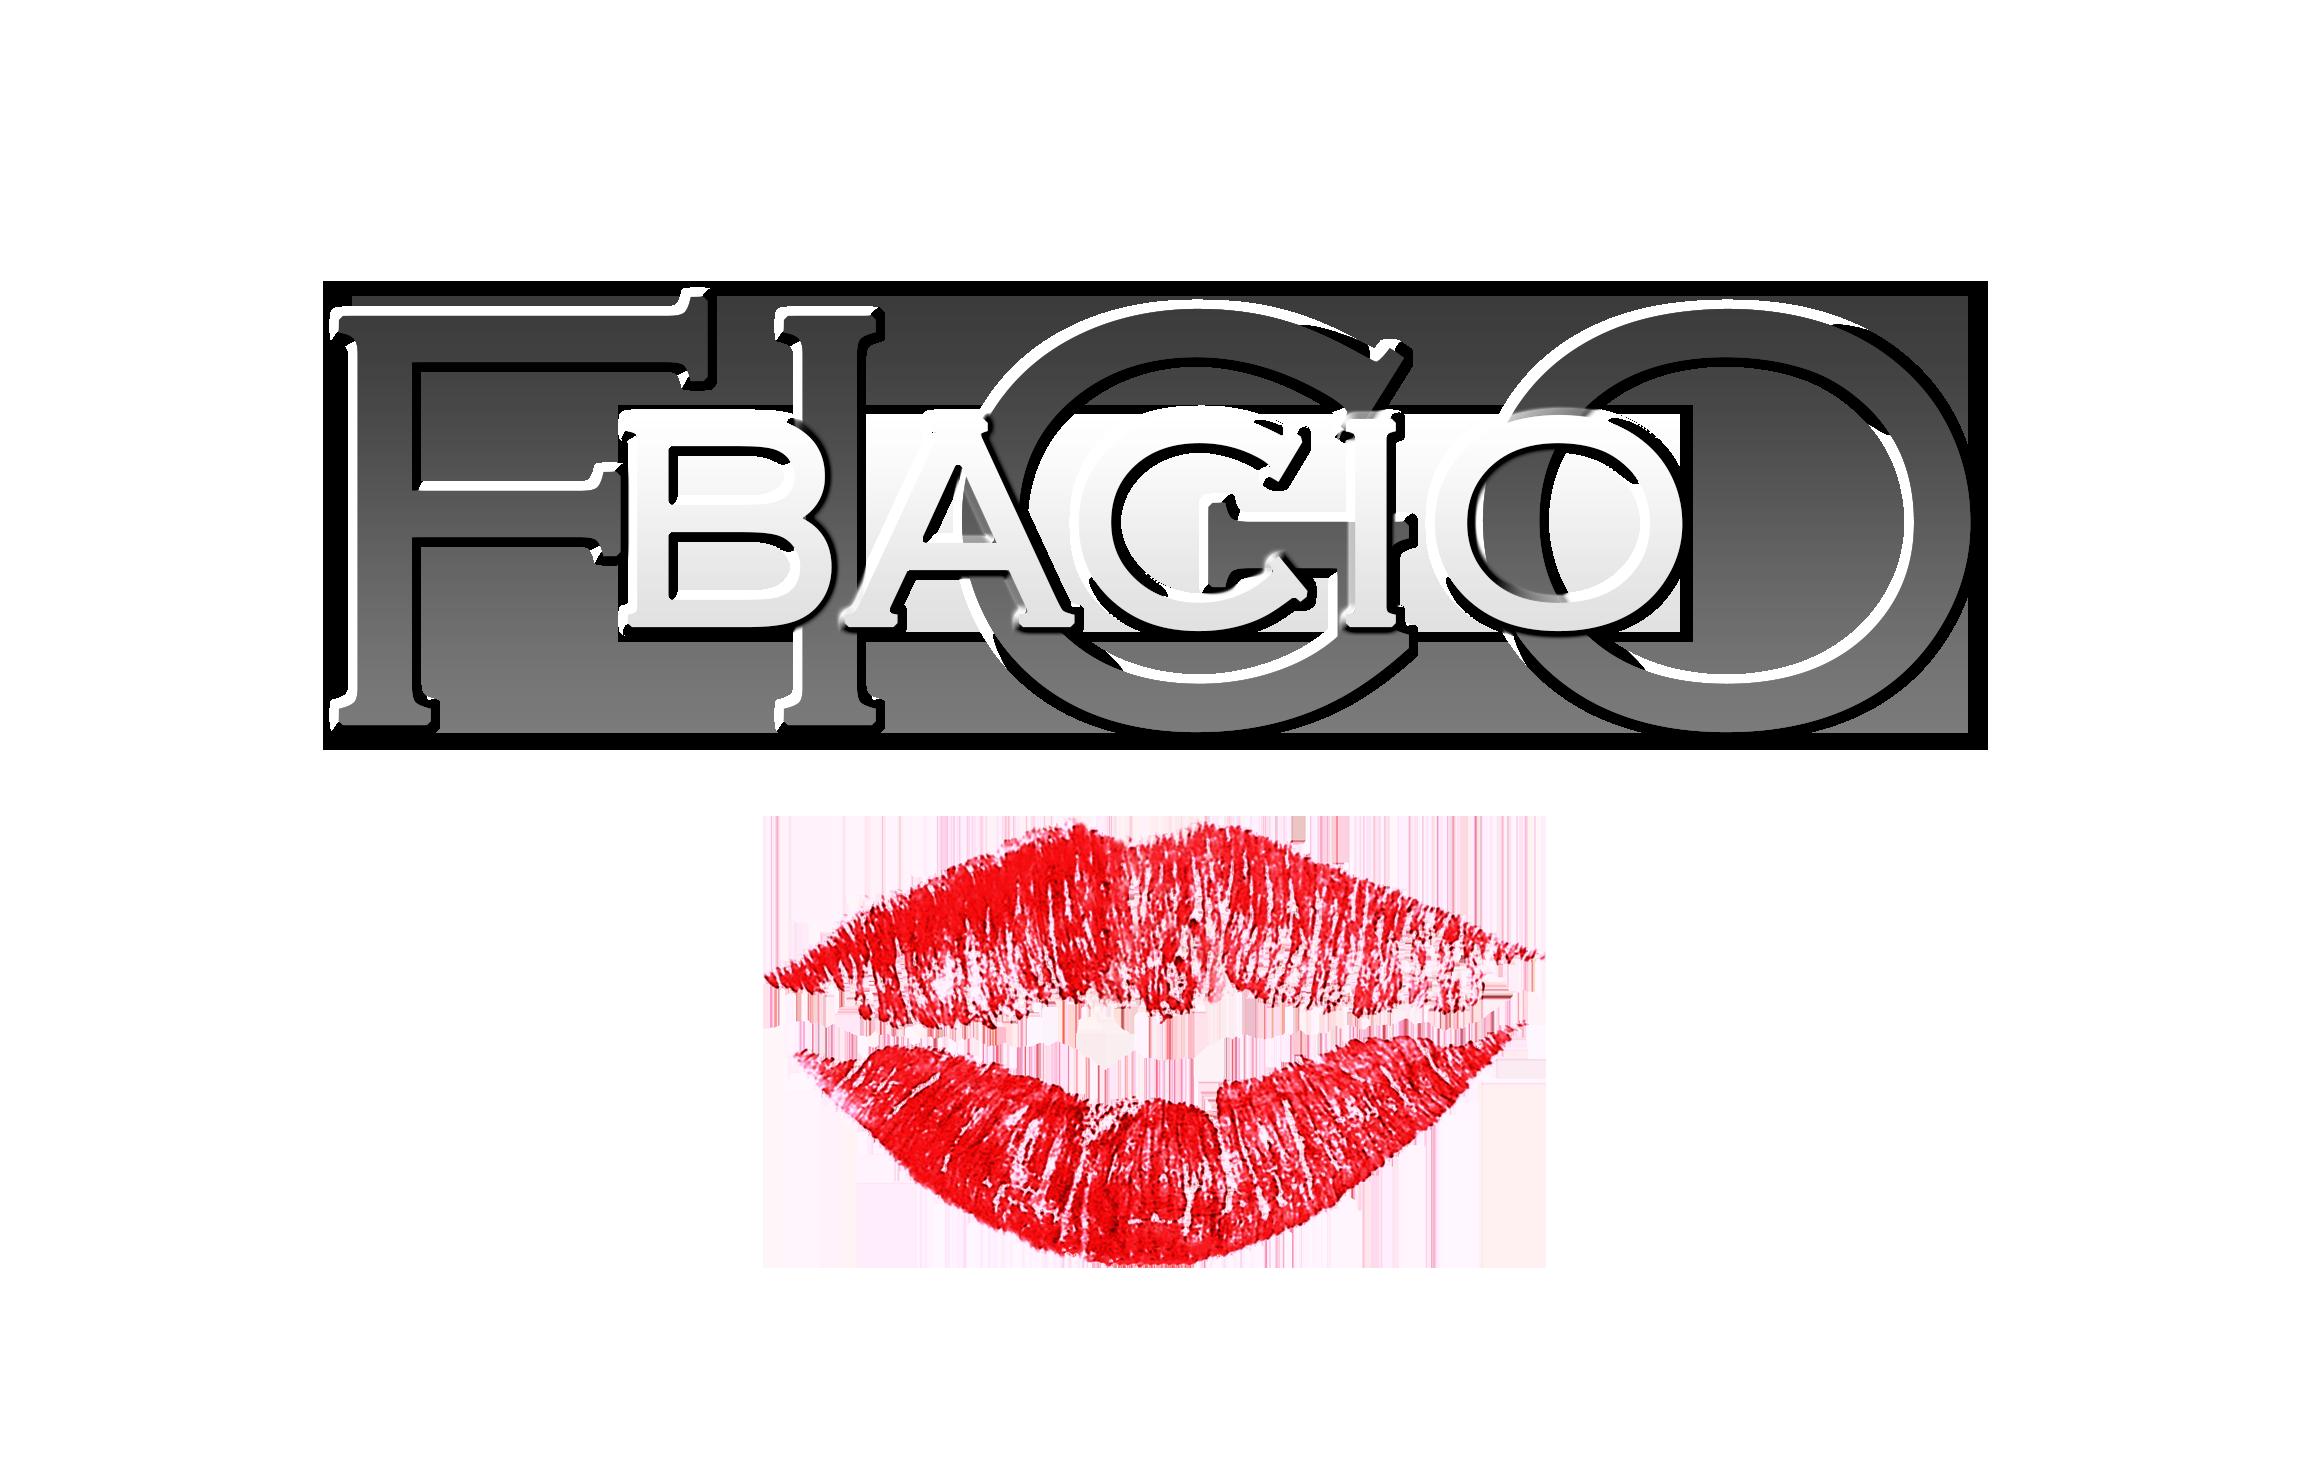 BacioFigo